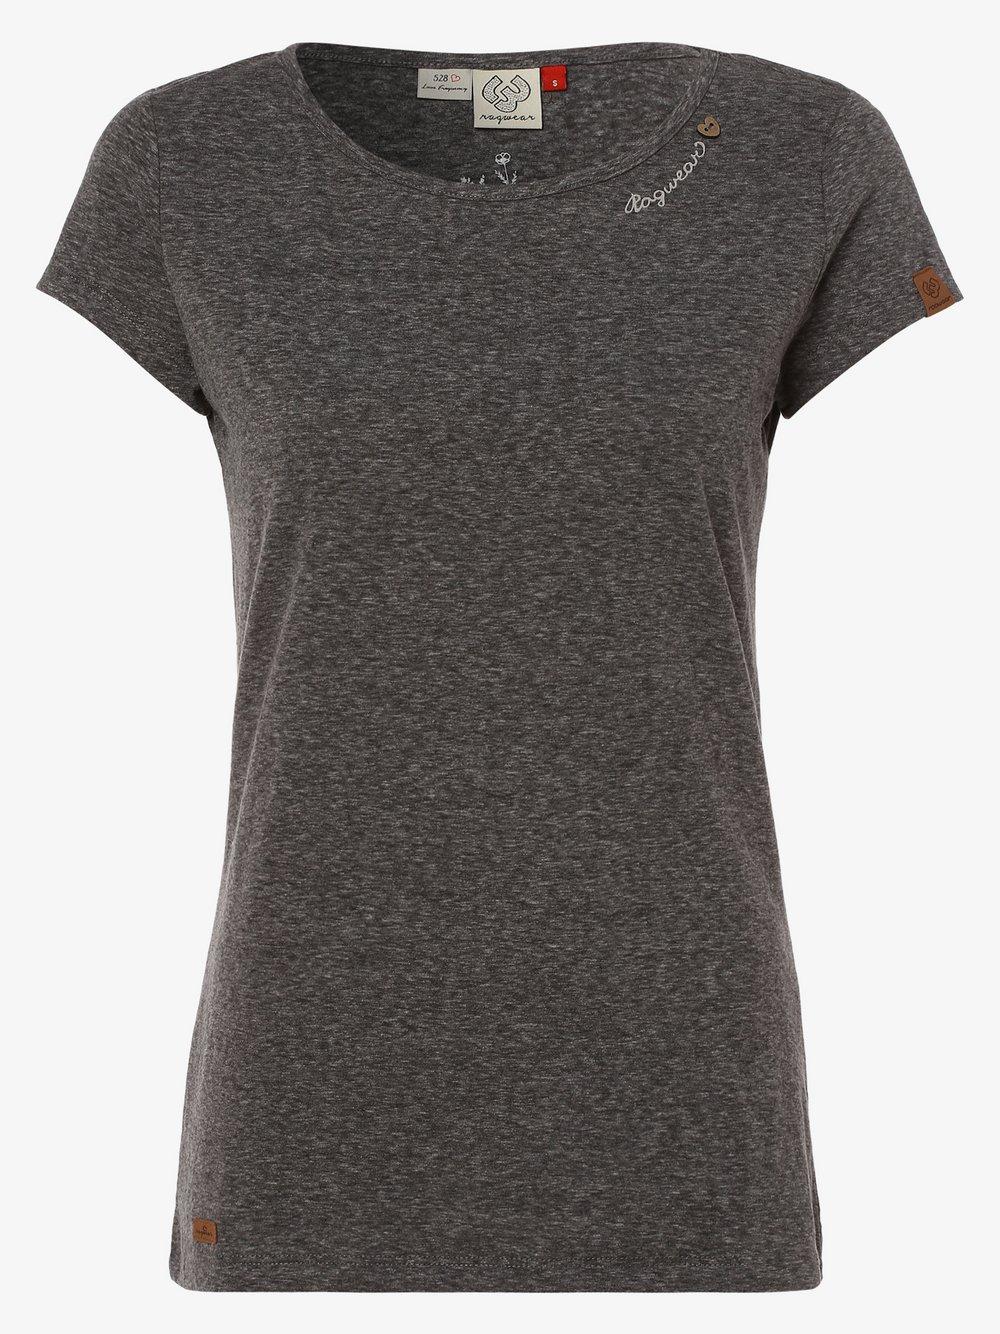 Ragwear - T-shirt damski – Mint, szary